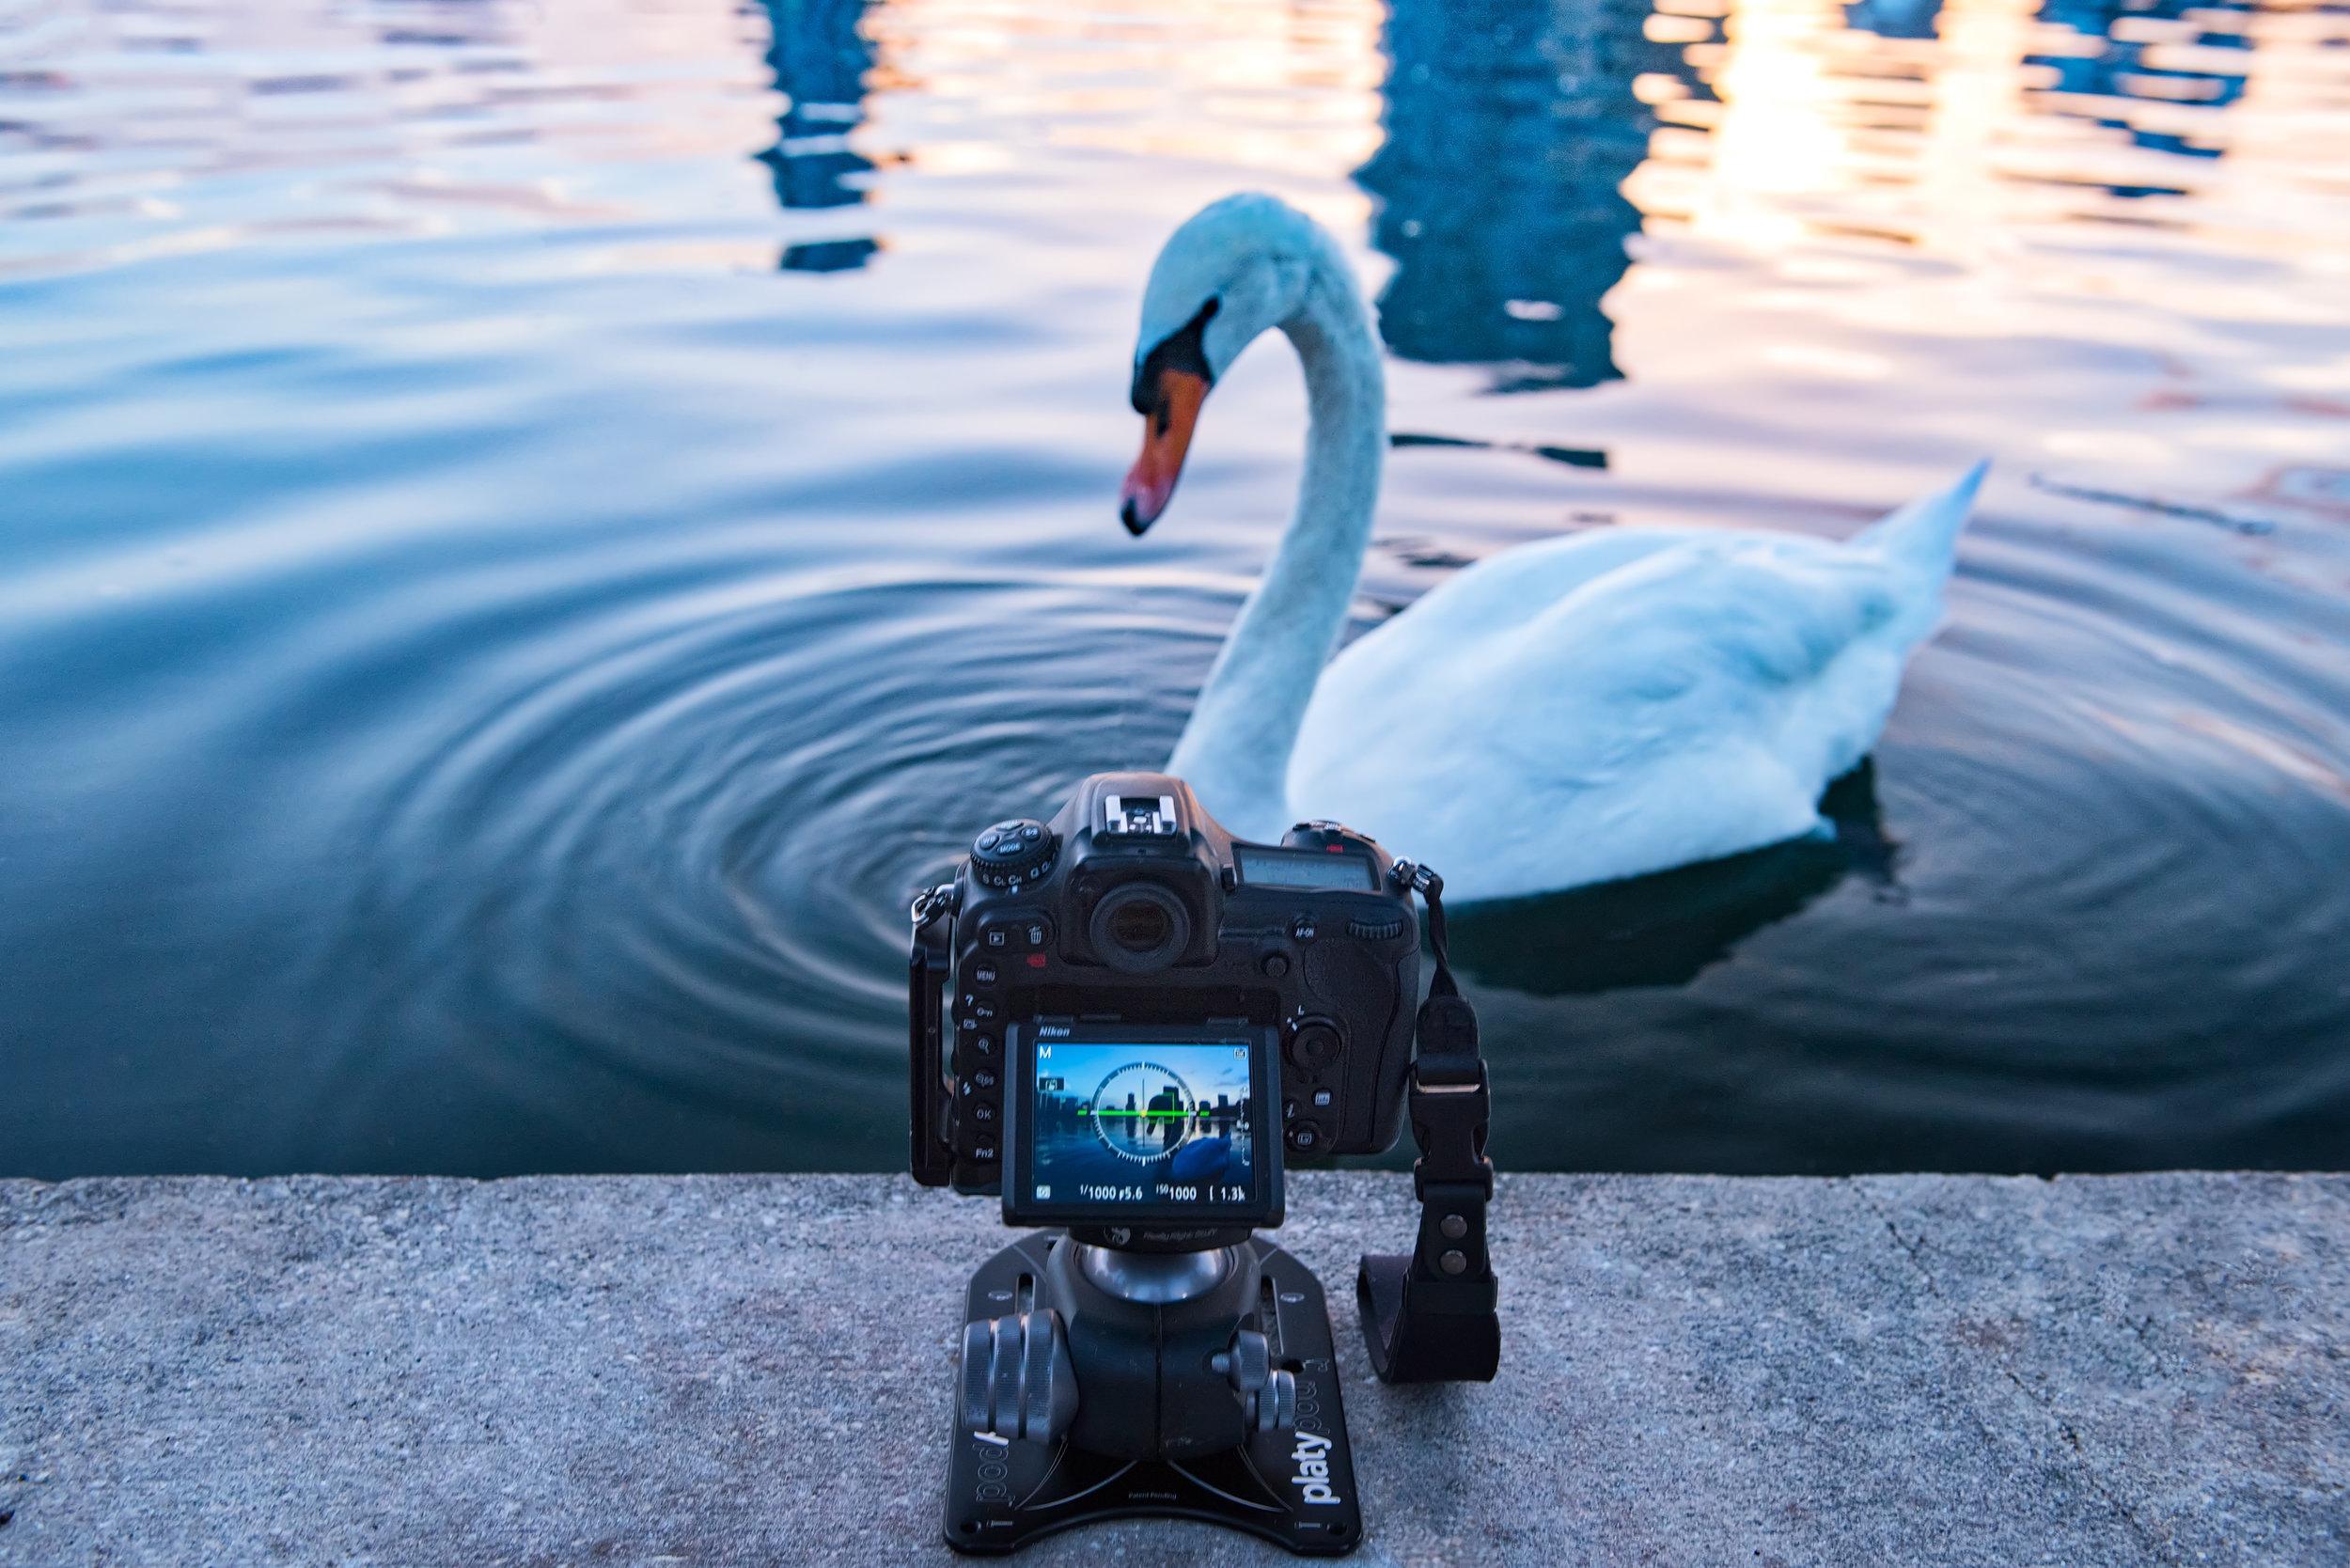 behindthescenesphotographyswan